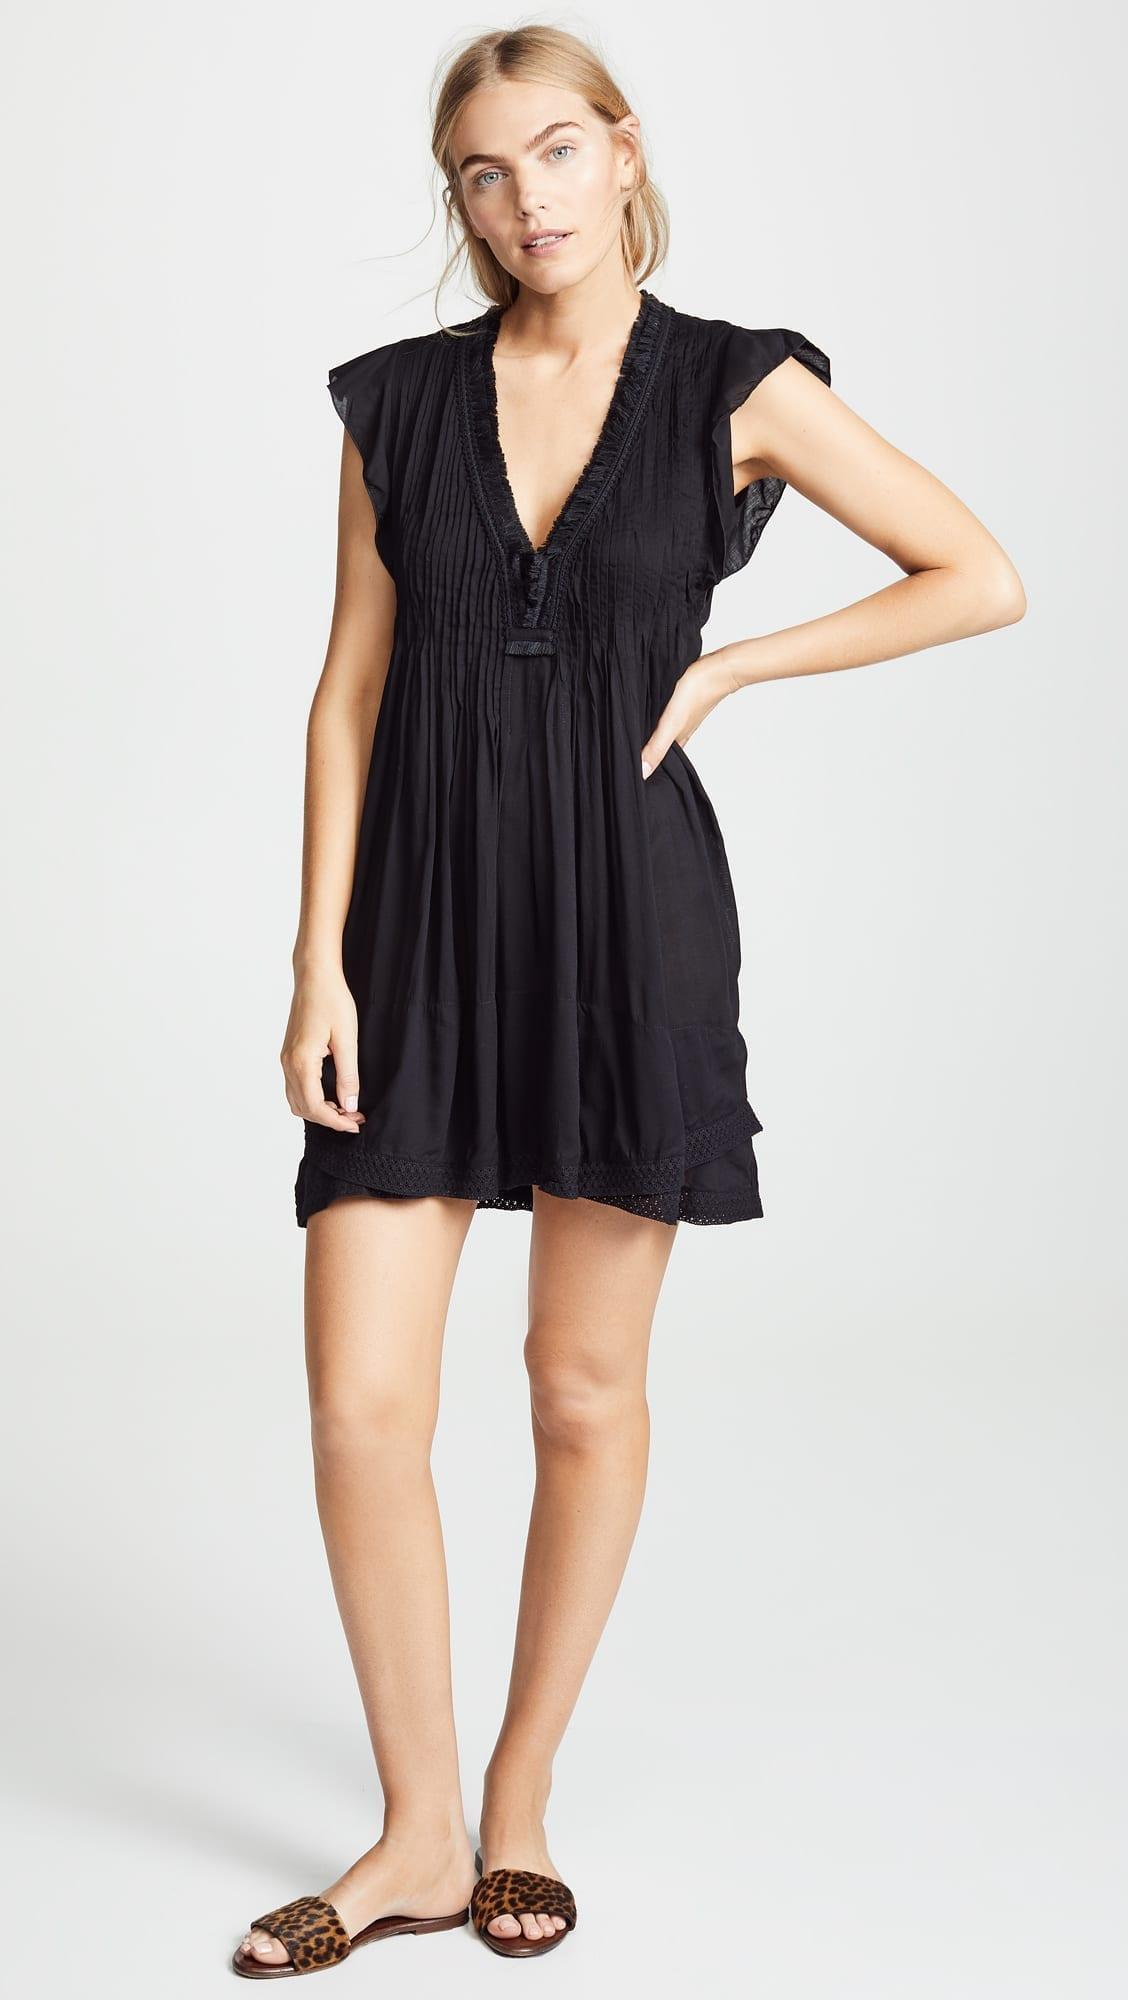 POUPETTE ST BARTH Sasha Mini Dress